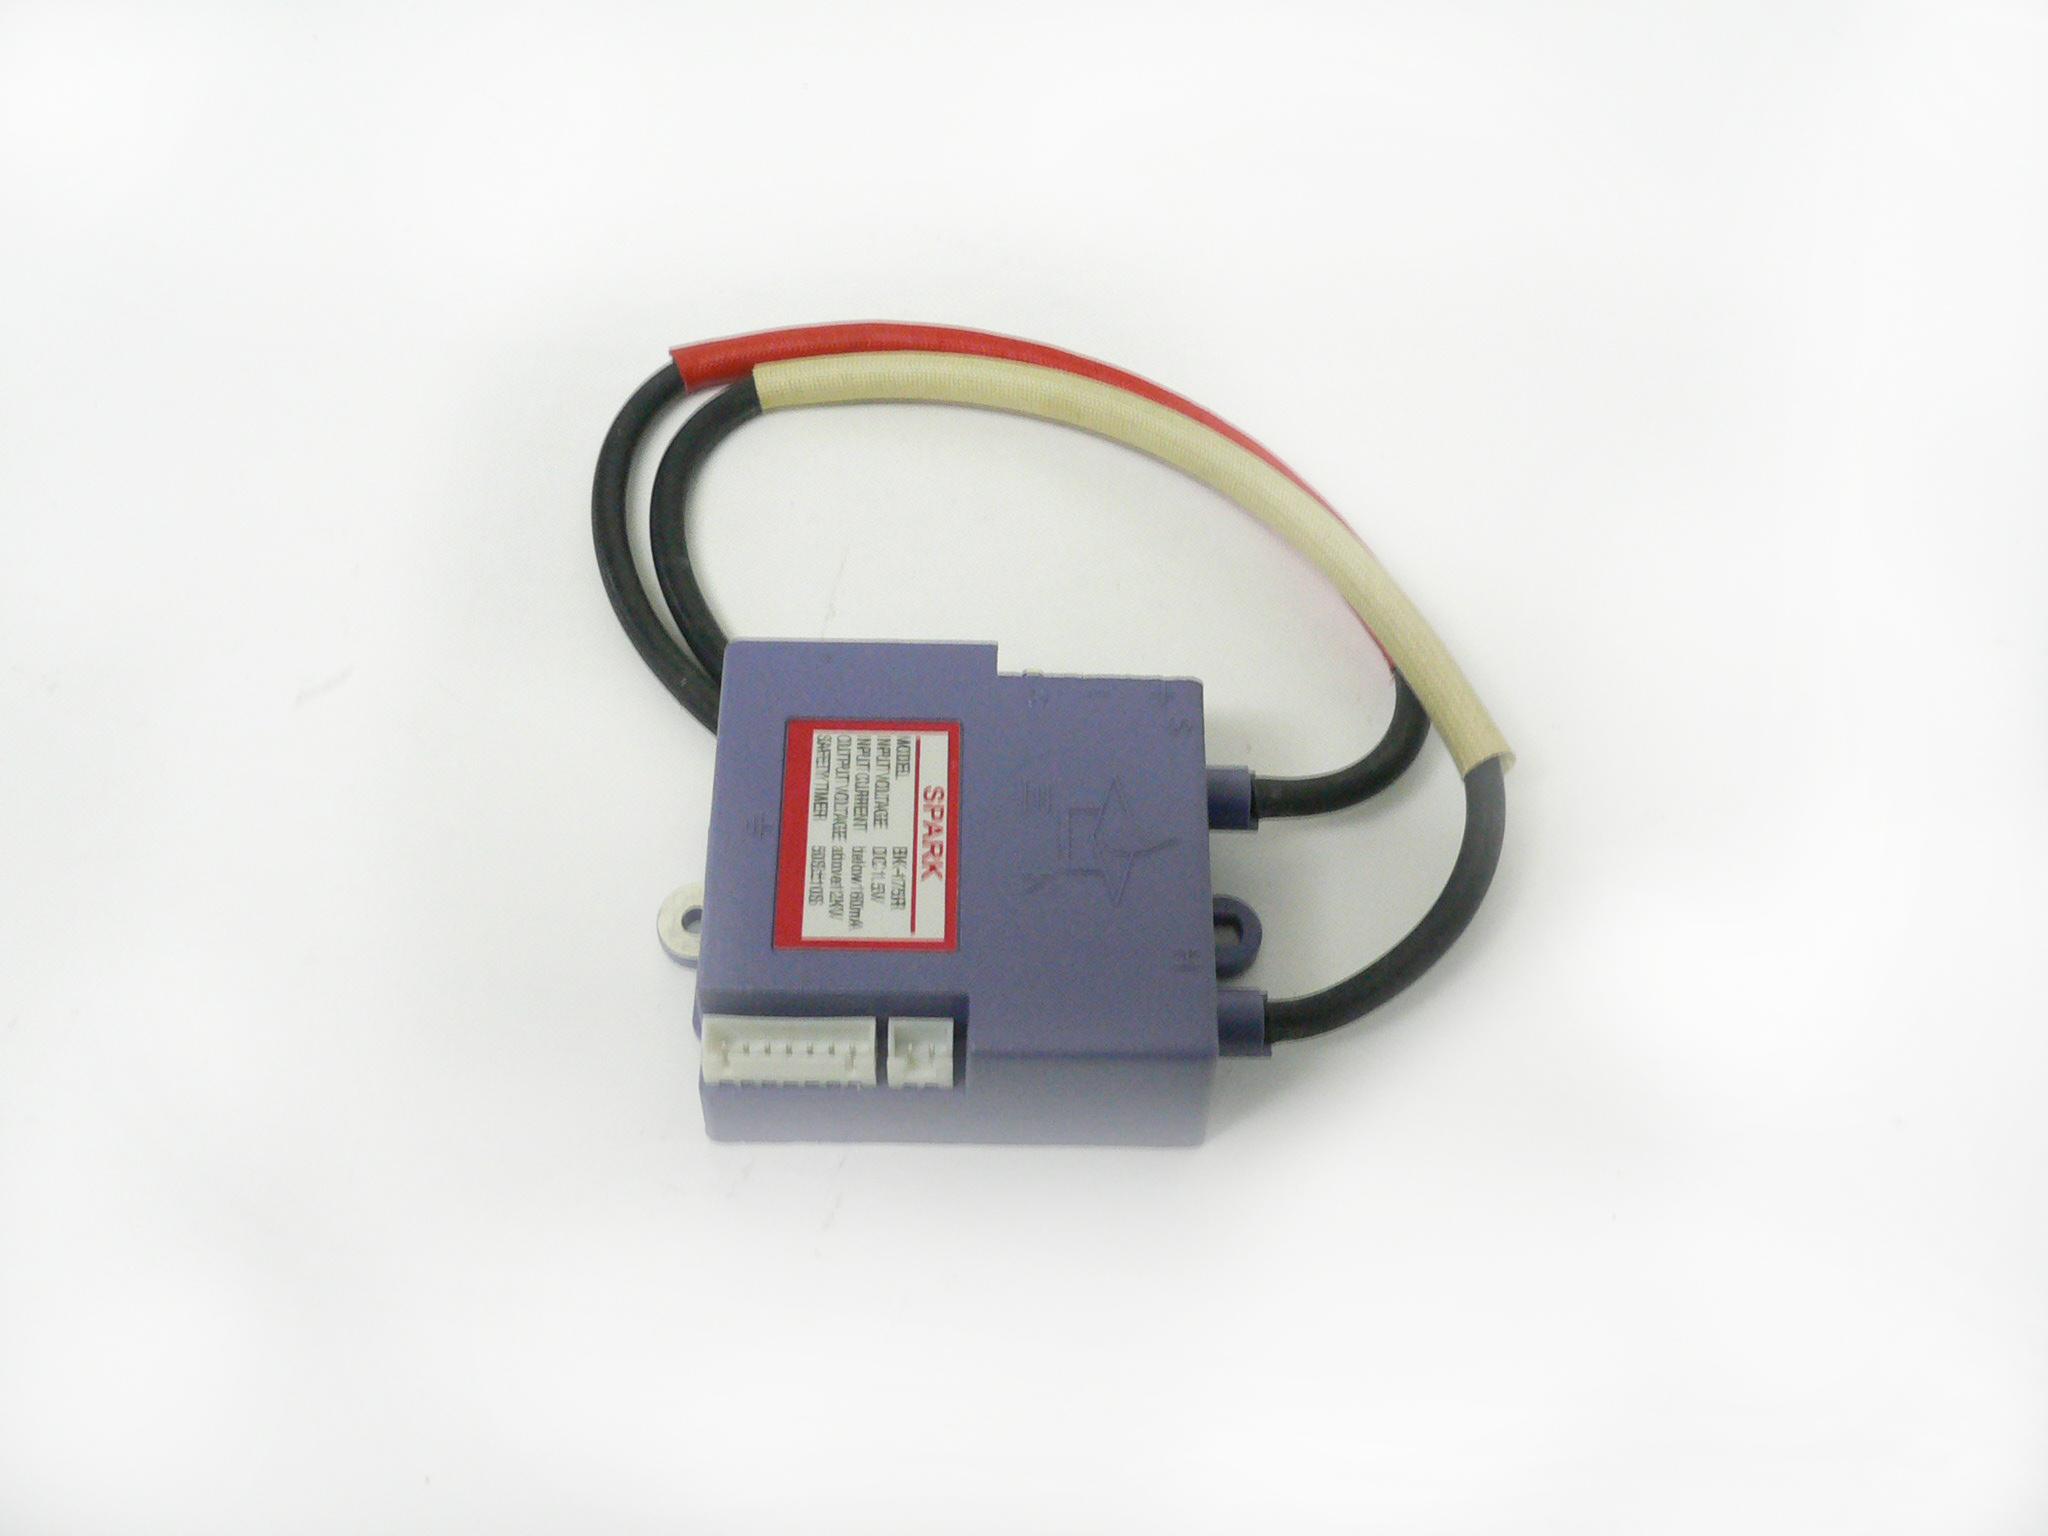 Neva lux 5514 замена теплообменника Уплотнения теплообменника Sondex SDN354 Балаково